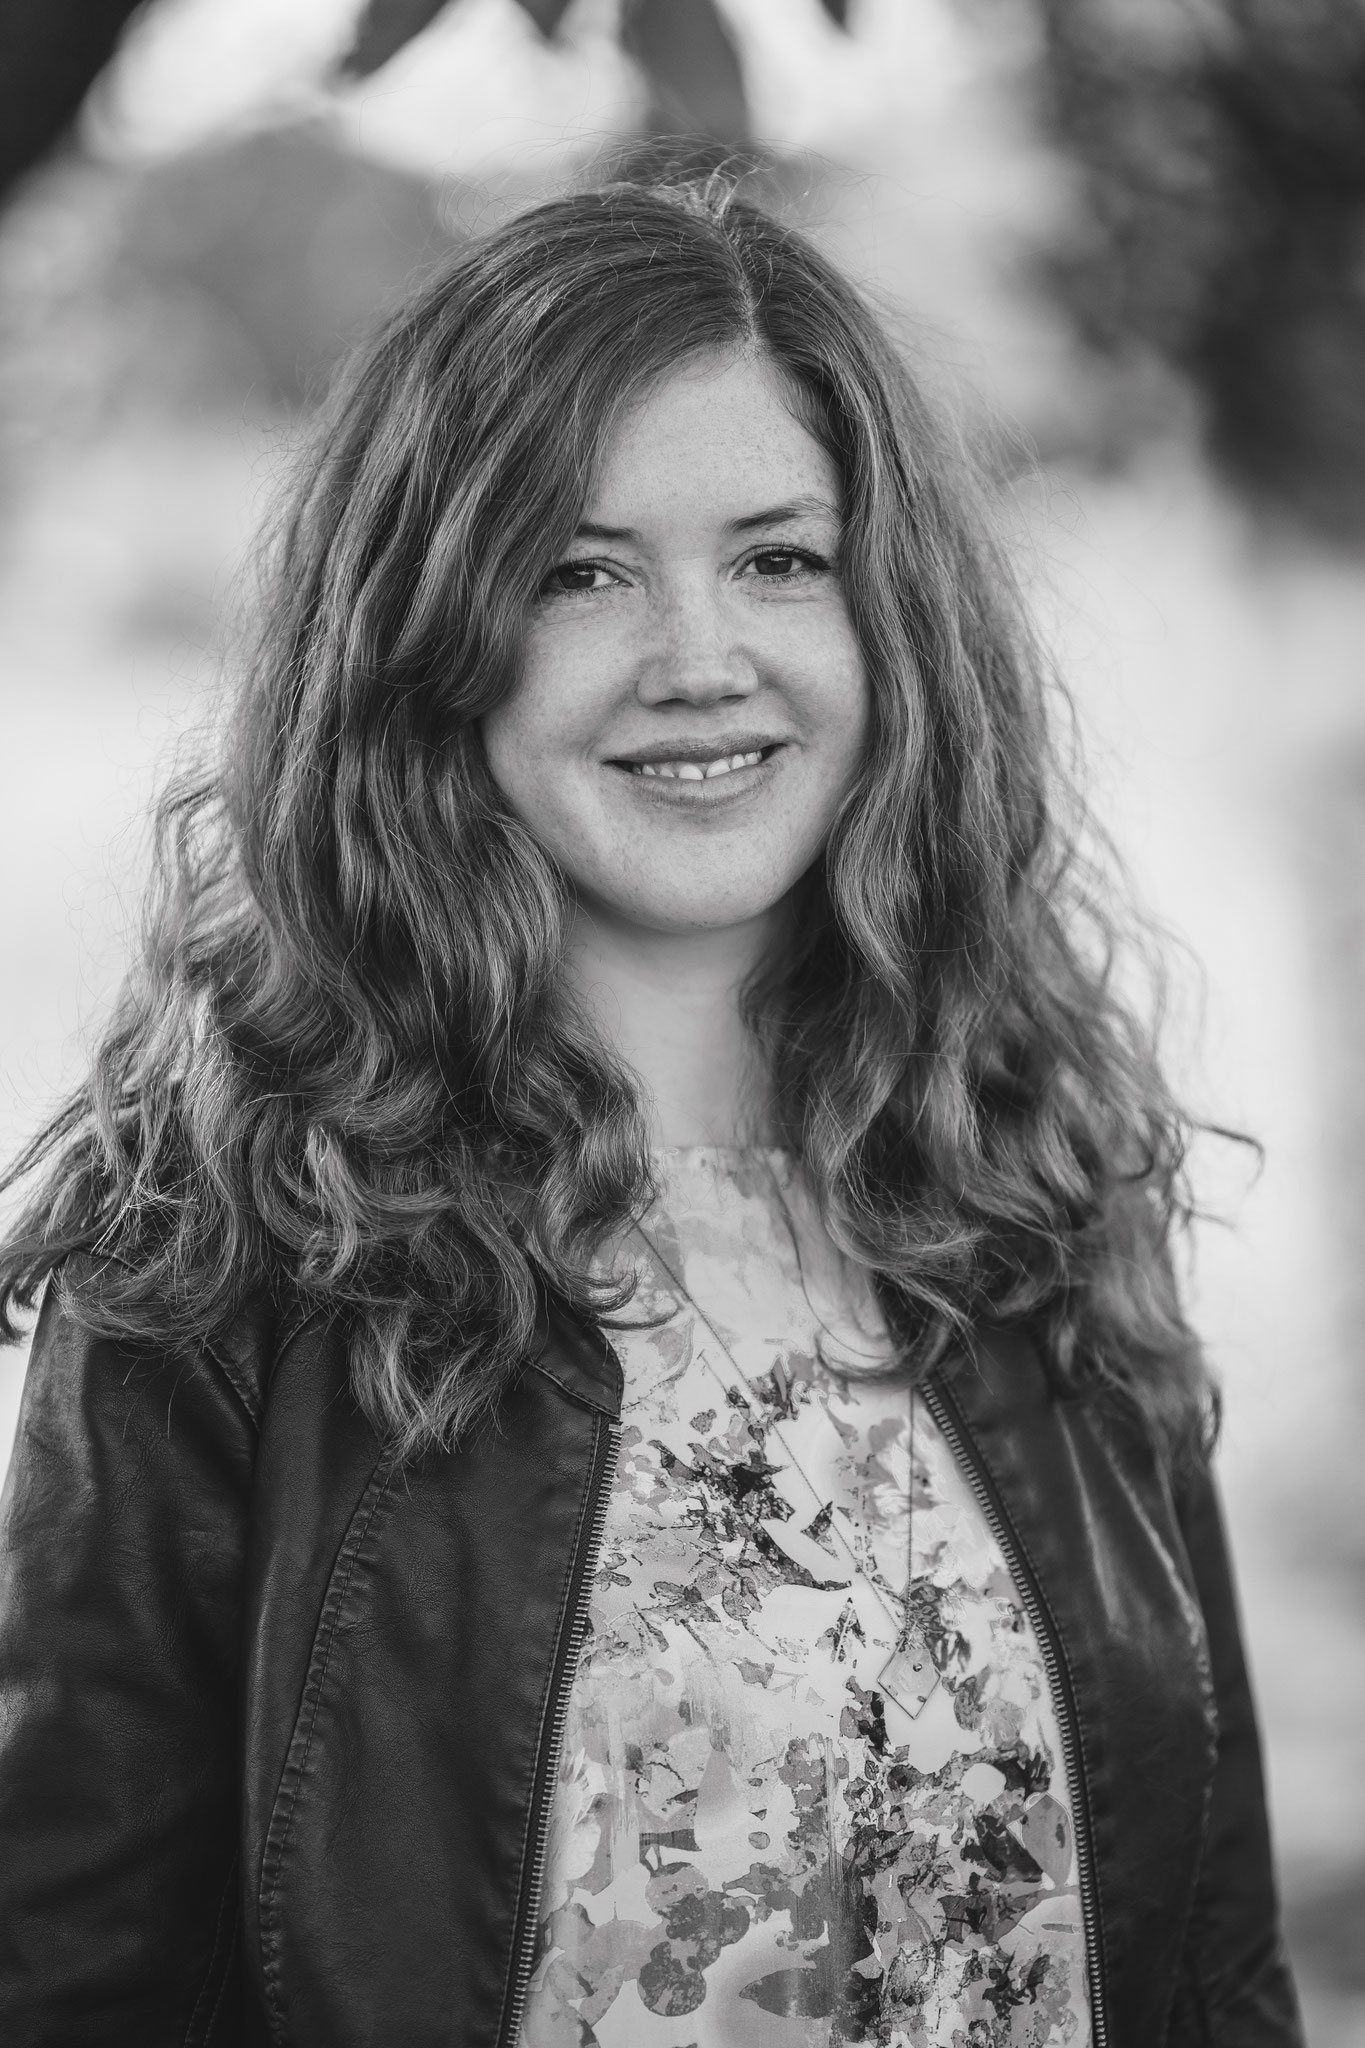 Svenja Tengs lebt als freie Autorin und Übersetzerin in Berlin lebt. Sie schreibt auch Gedichte, rappt unter dem Künstlerna-men Seya und setzt sich mit Themen wie MeeToo und Empowerment auseinander.